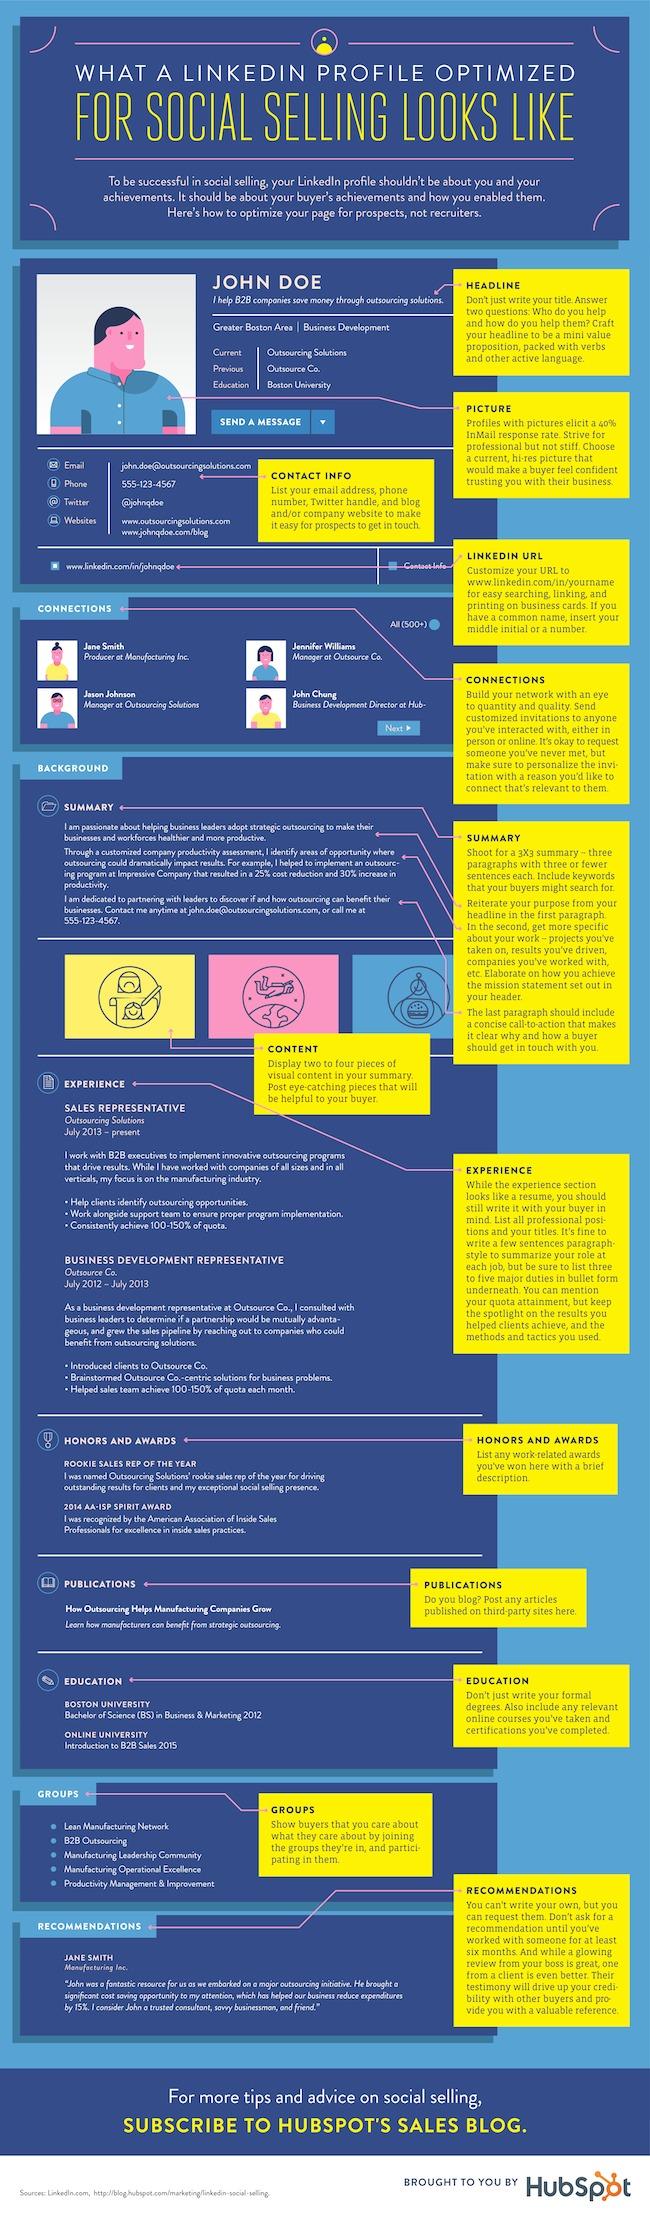 Linkedin: cómo optimizar el perfil para Social Selling